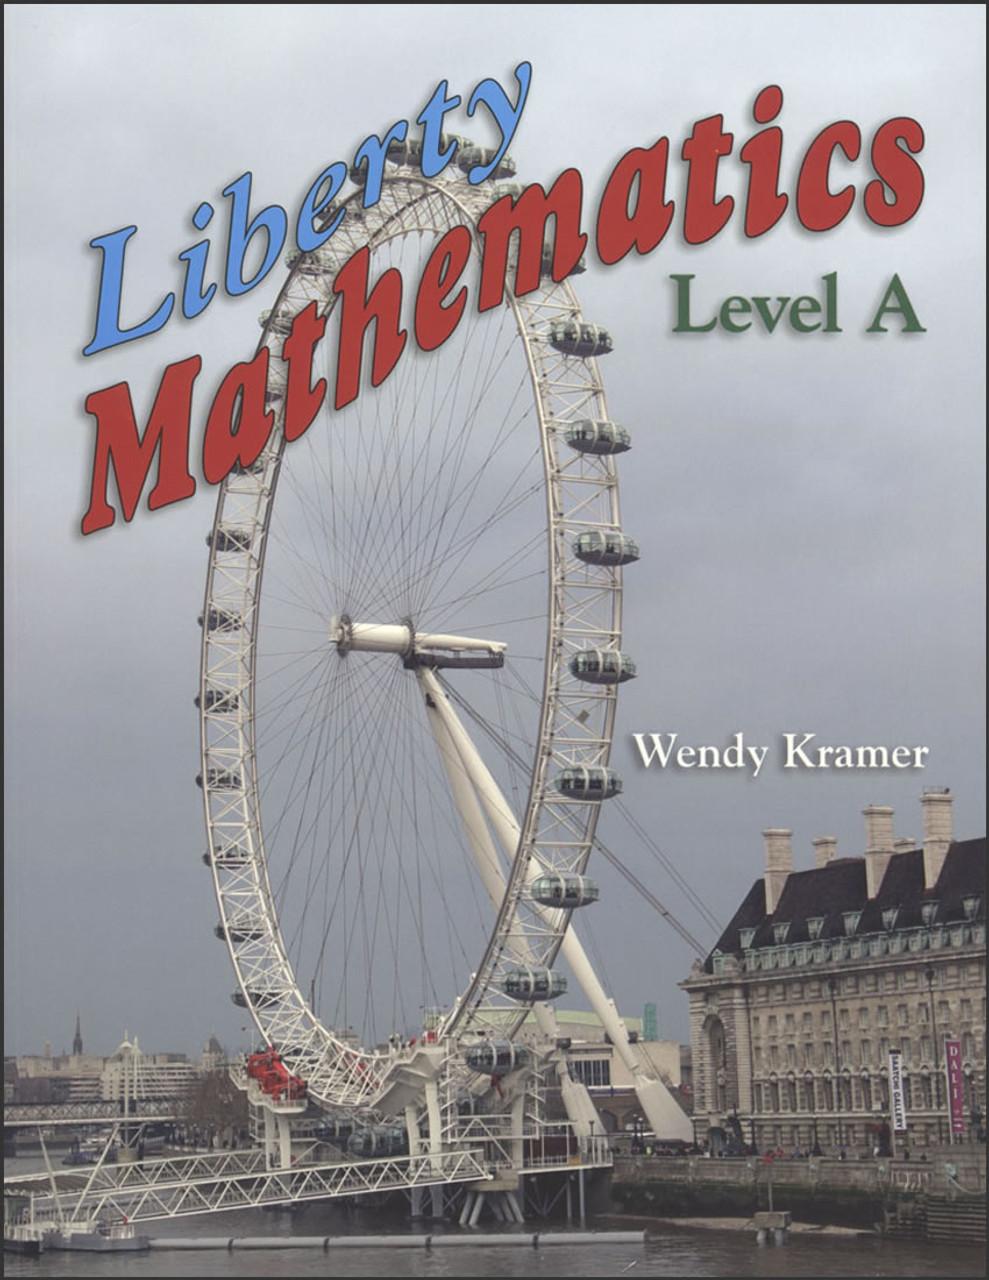 Liberty Mathematics Level A